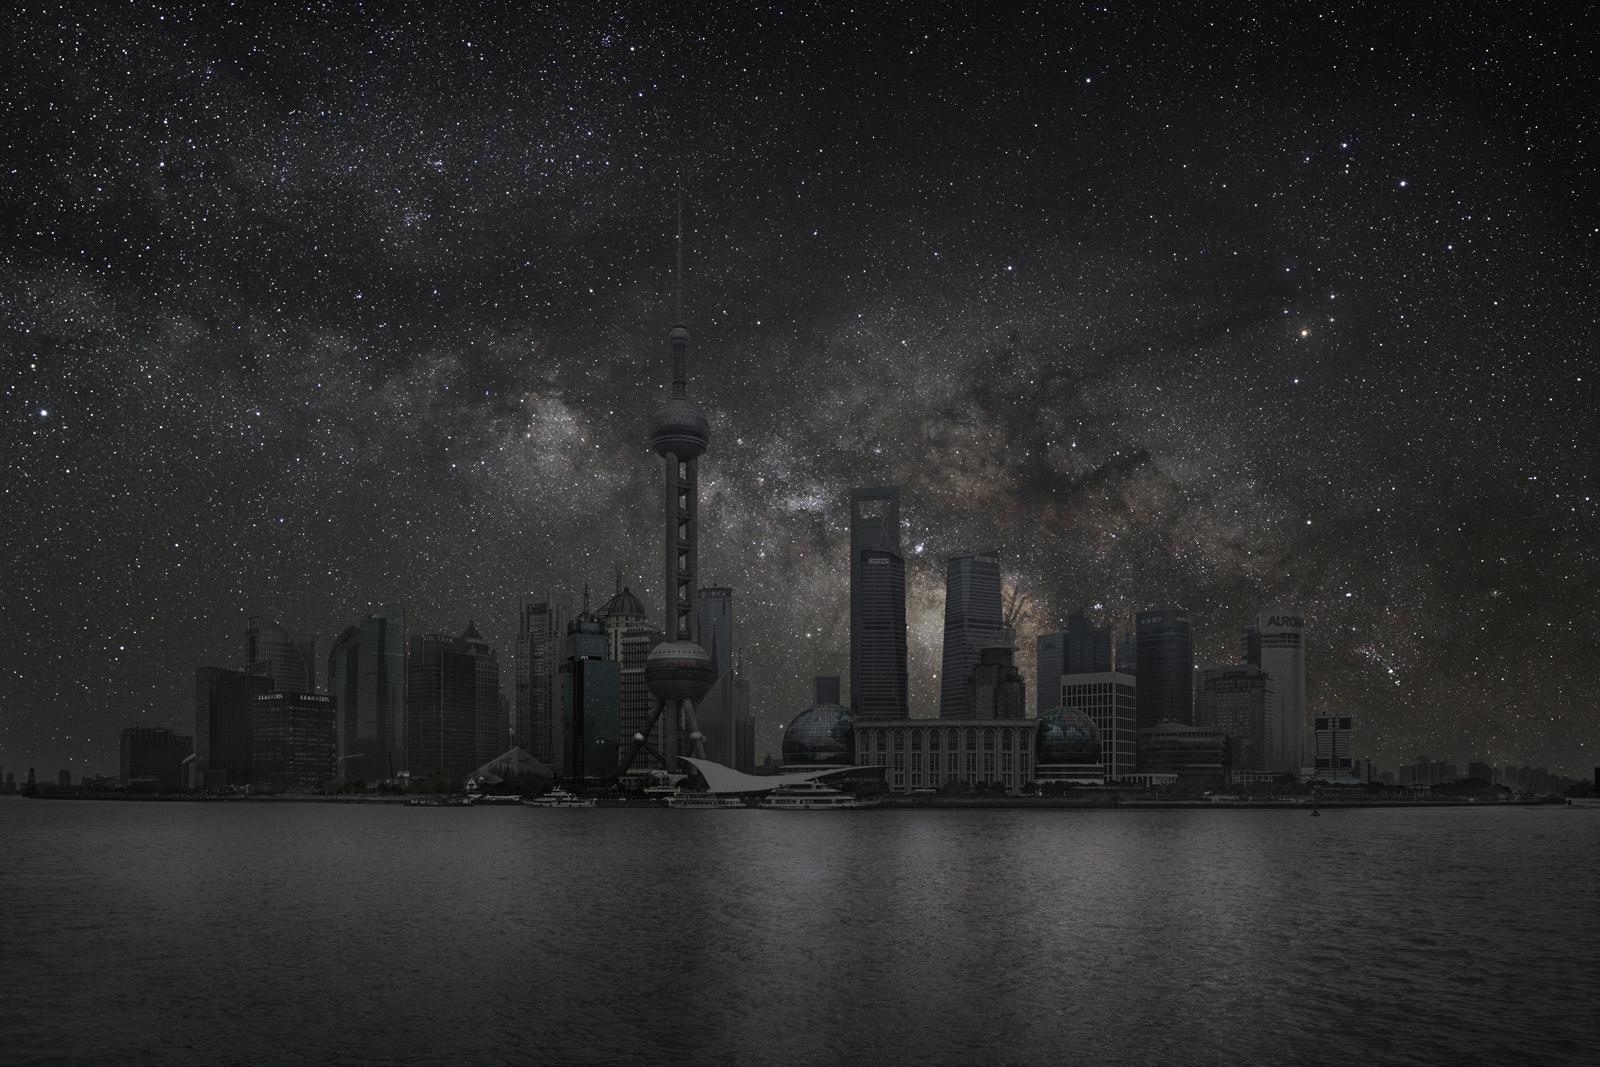 Como Se Verian Las Grandes Ciudades A Oscuras Y Sin Luces